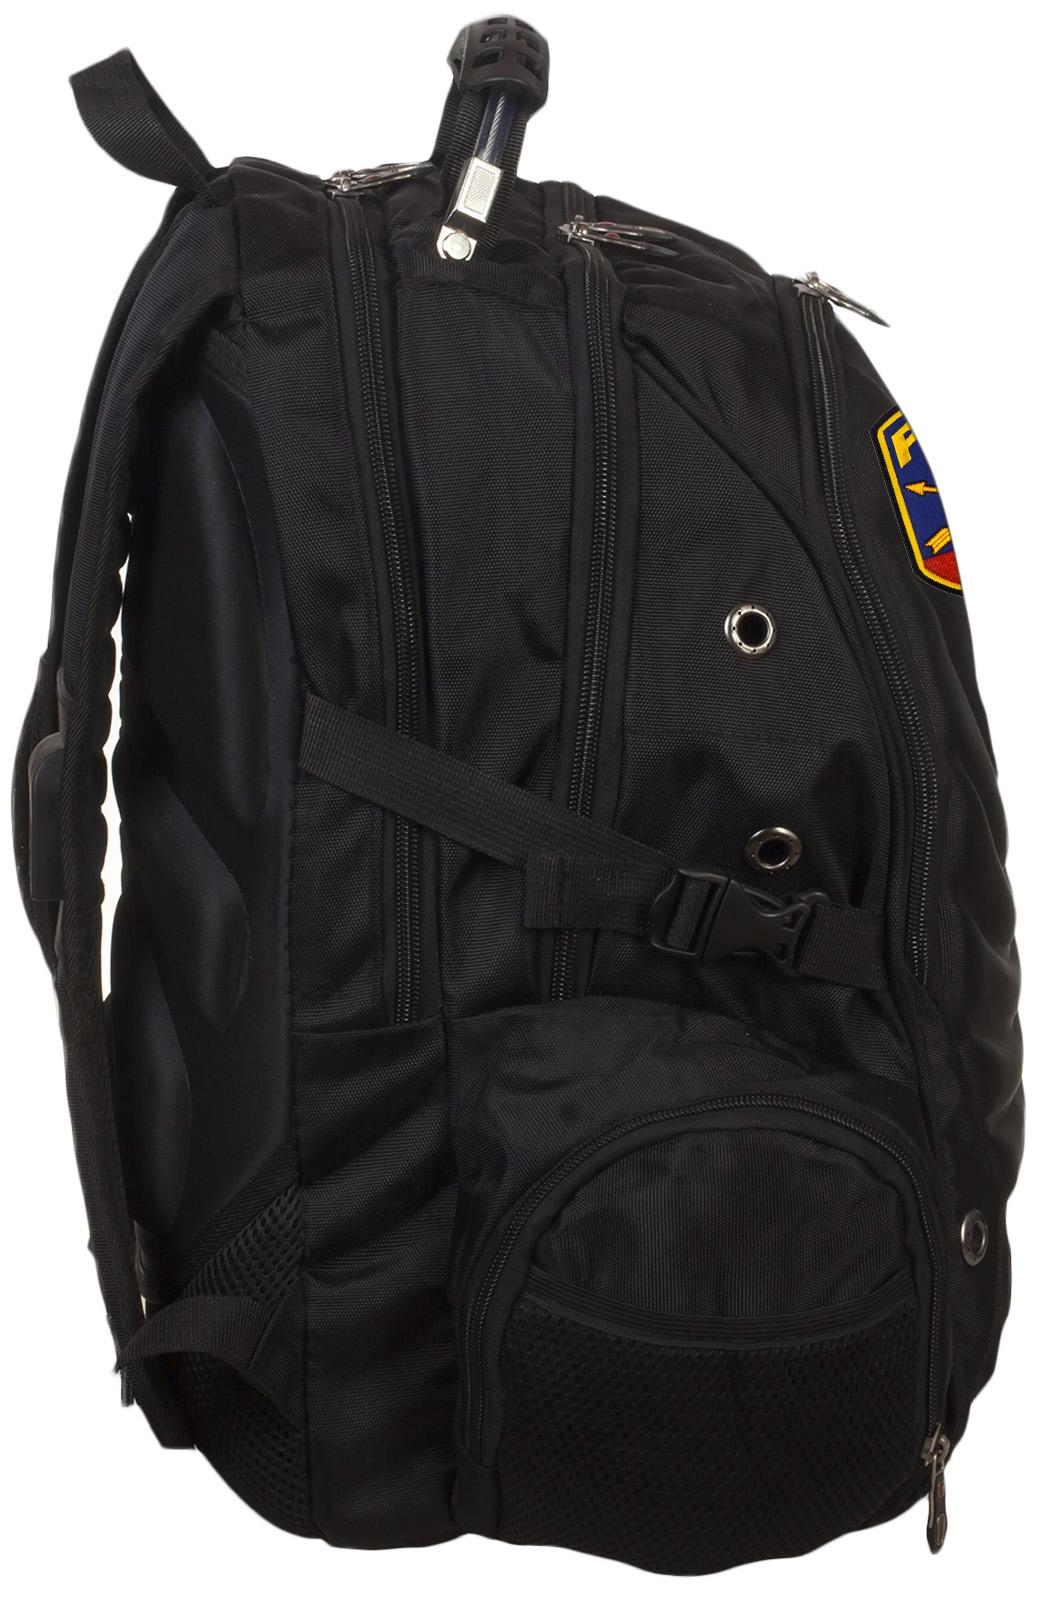 Топовый рюкзак с оригинальной нашивкой РВСН купить с доставкой